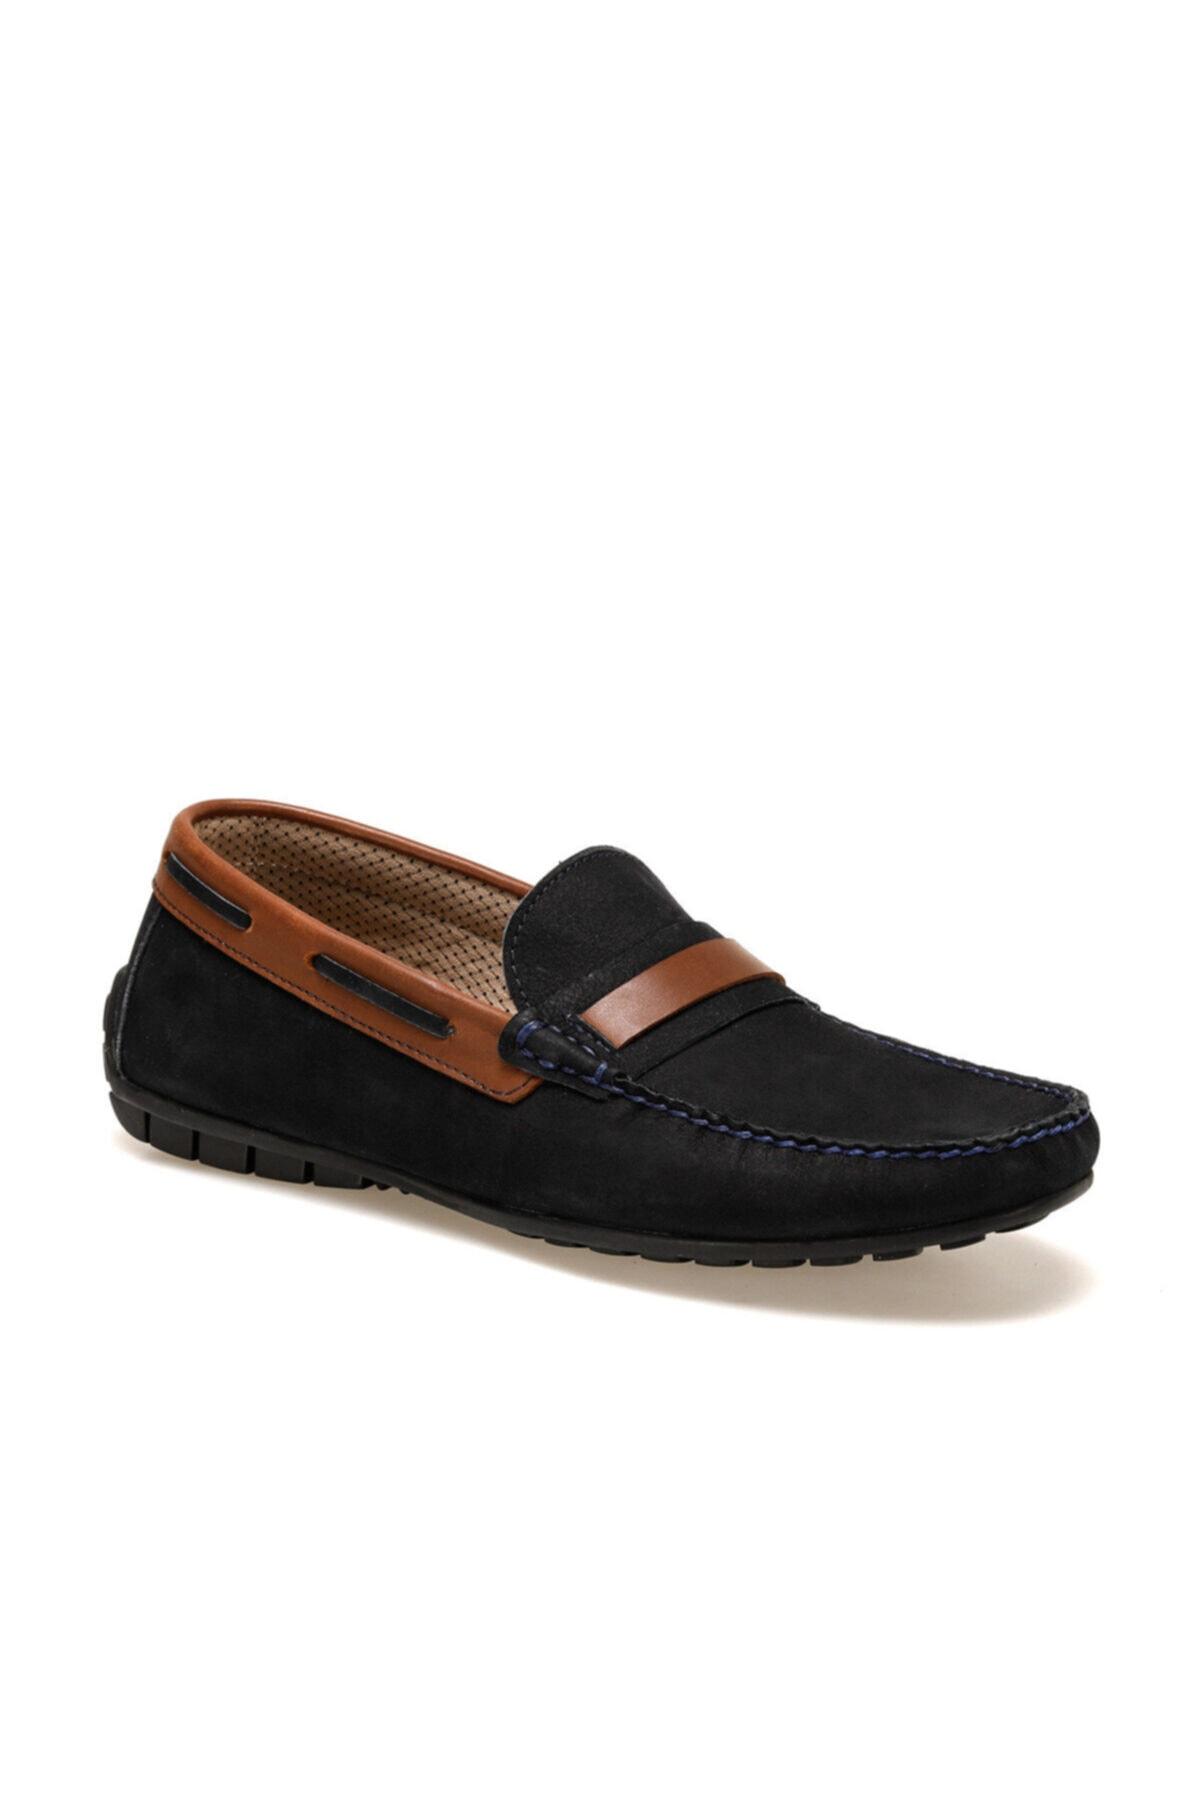 OXIDE LF80 Lacivert Erkek Loafer Ayakkabı 100518285 1